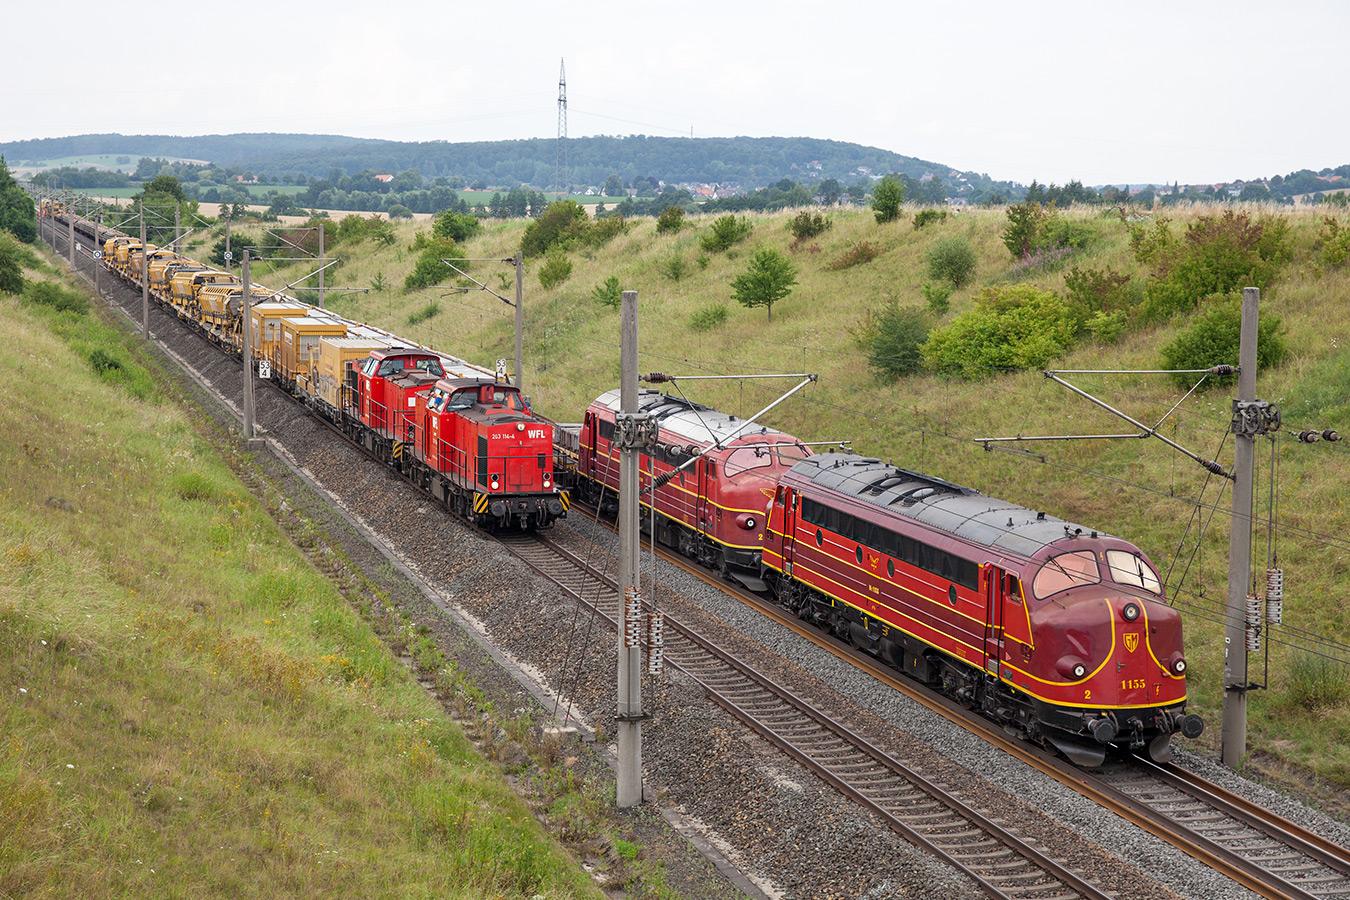 http://www.lammetalbahn.de/extra/dso/20190719-182533-IMG_1802-5D2.jpg